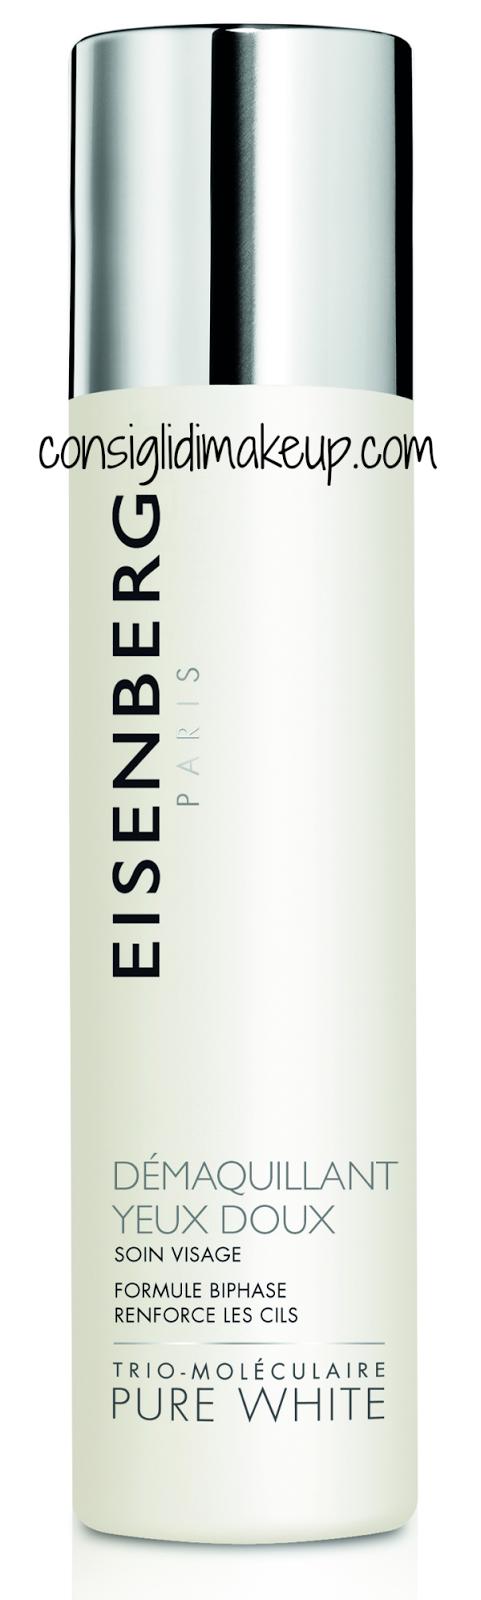 eisemberg nuovi prodotti linea pure white